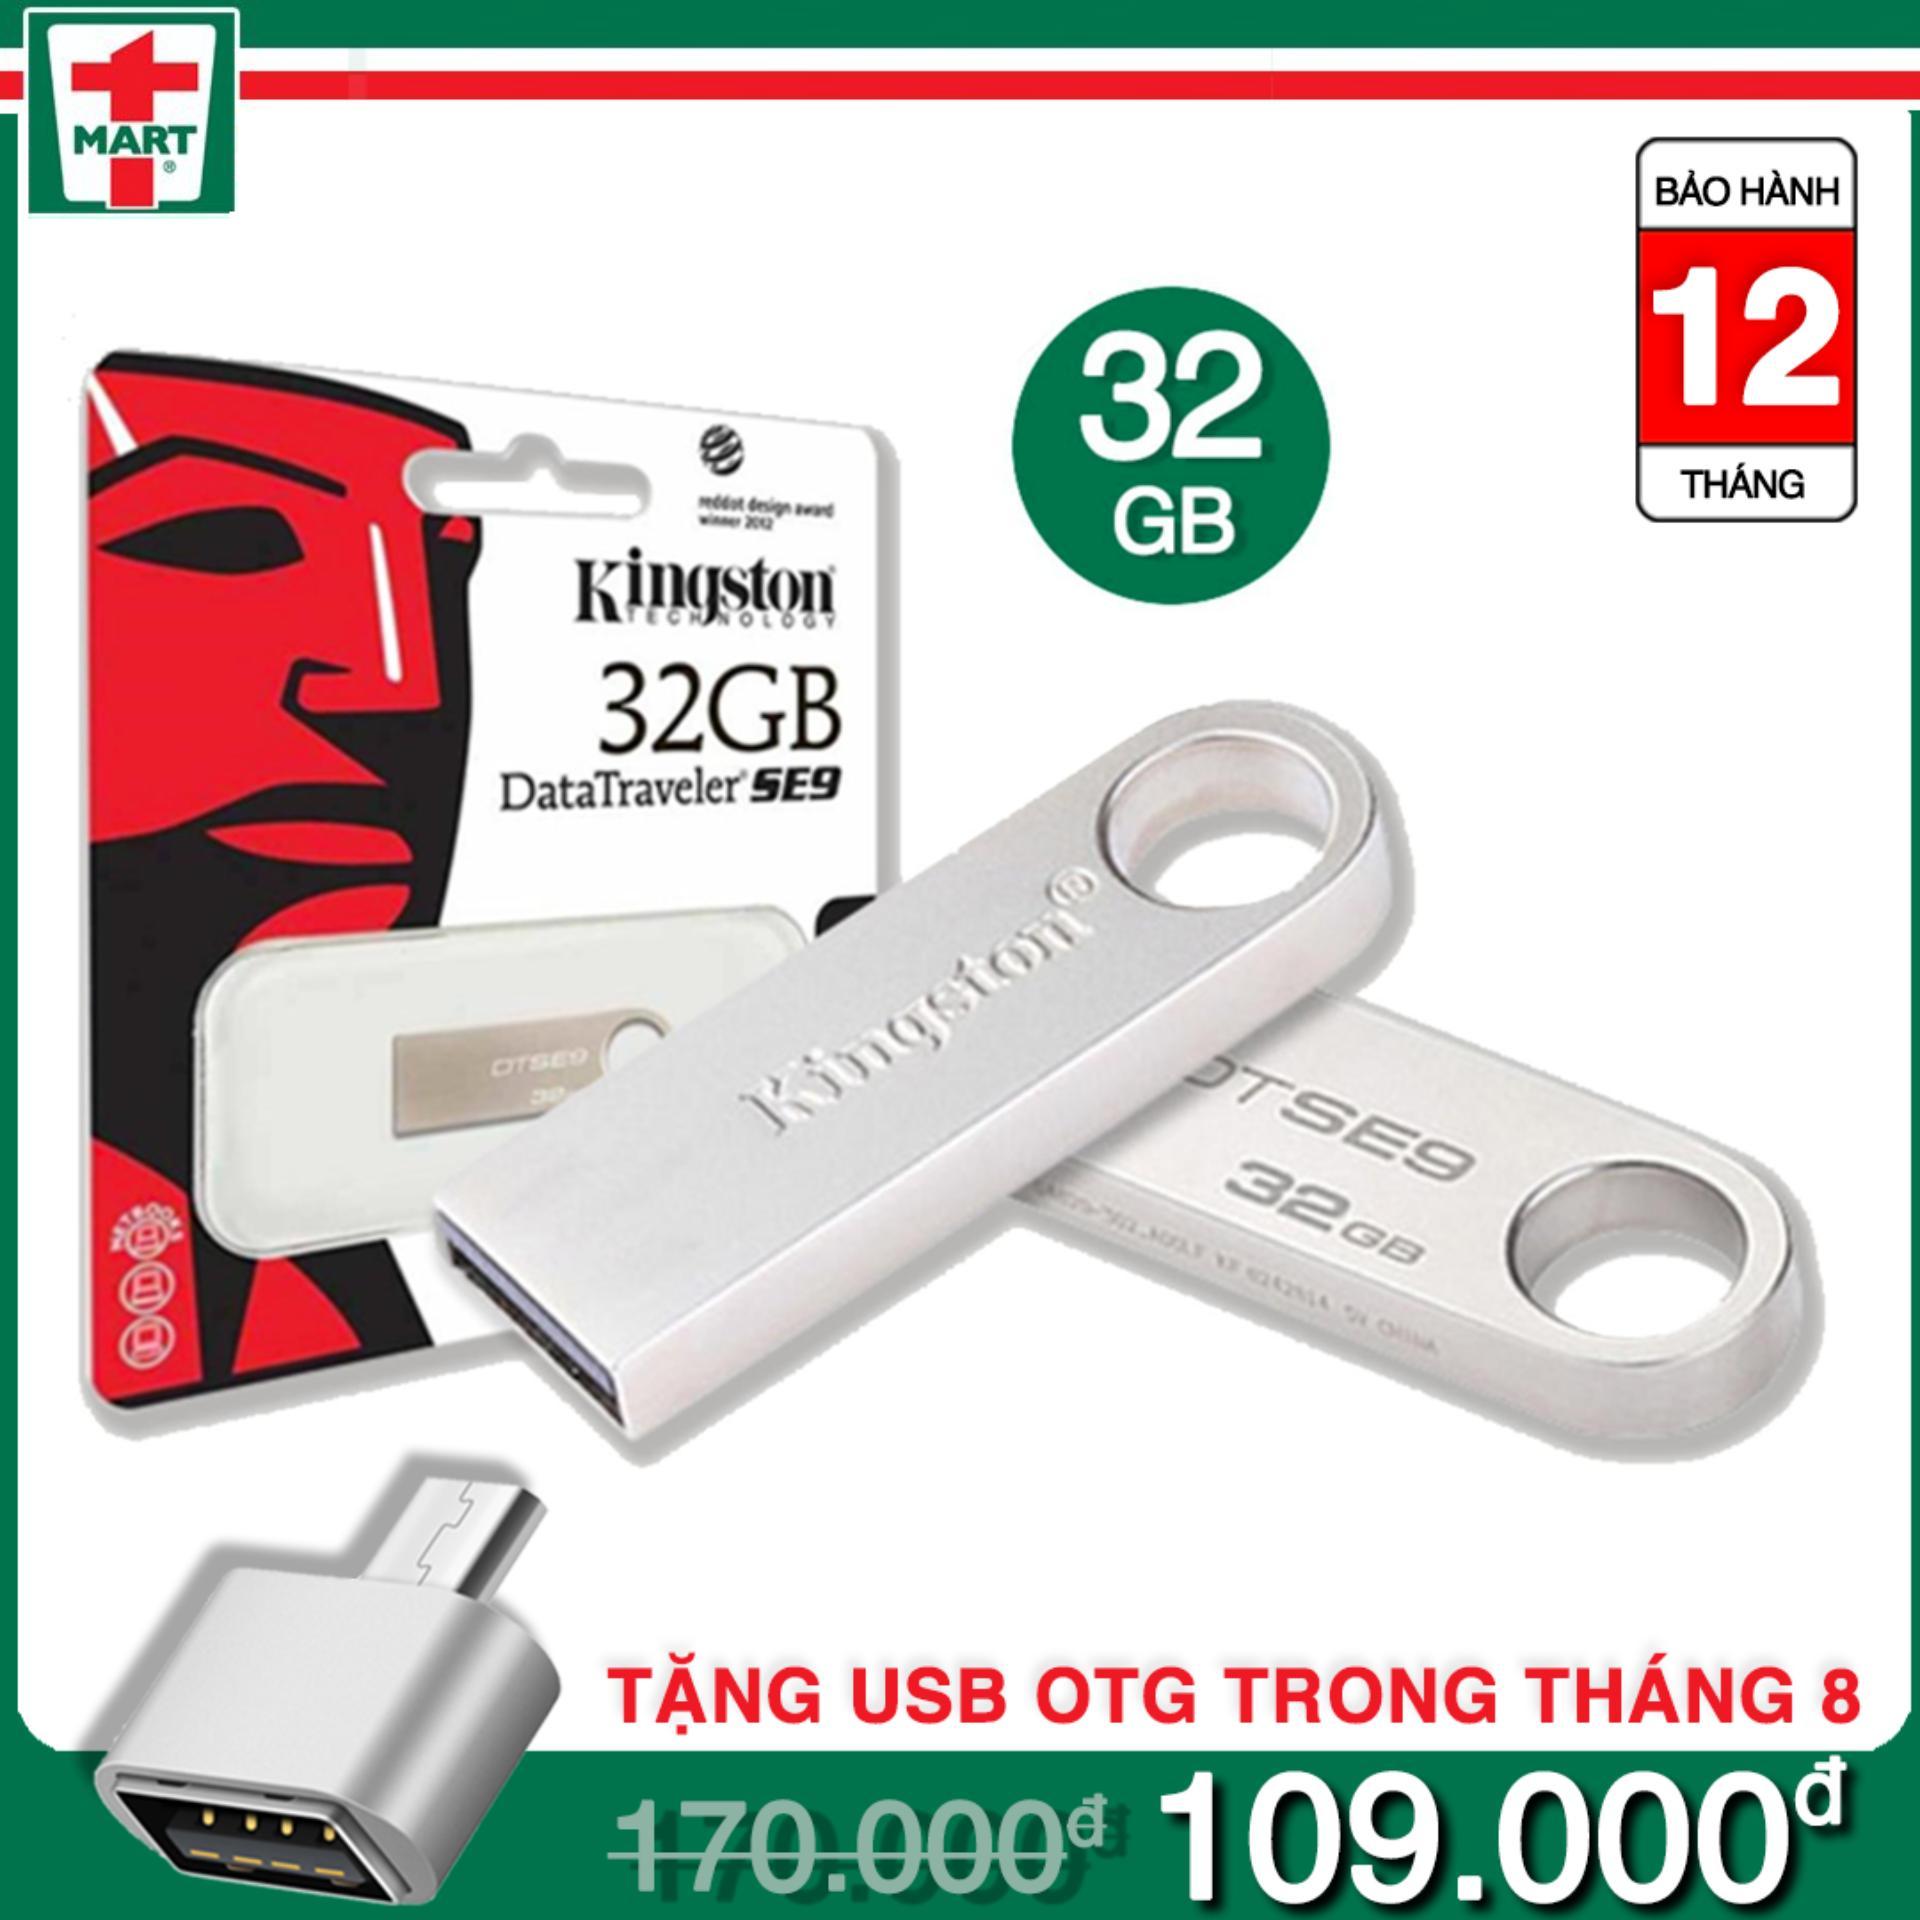 Hình ảnh [32gb] USB Kingston DataTraveler SE9 32GB - Bảo hành 12 tháng lỗi 1 đổi 1